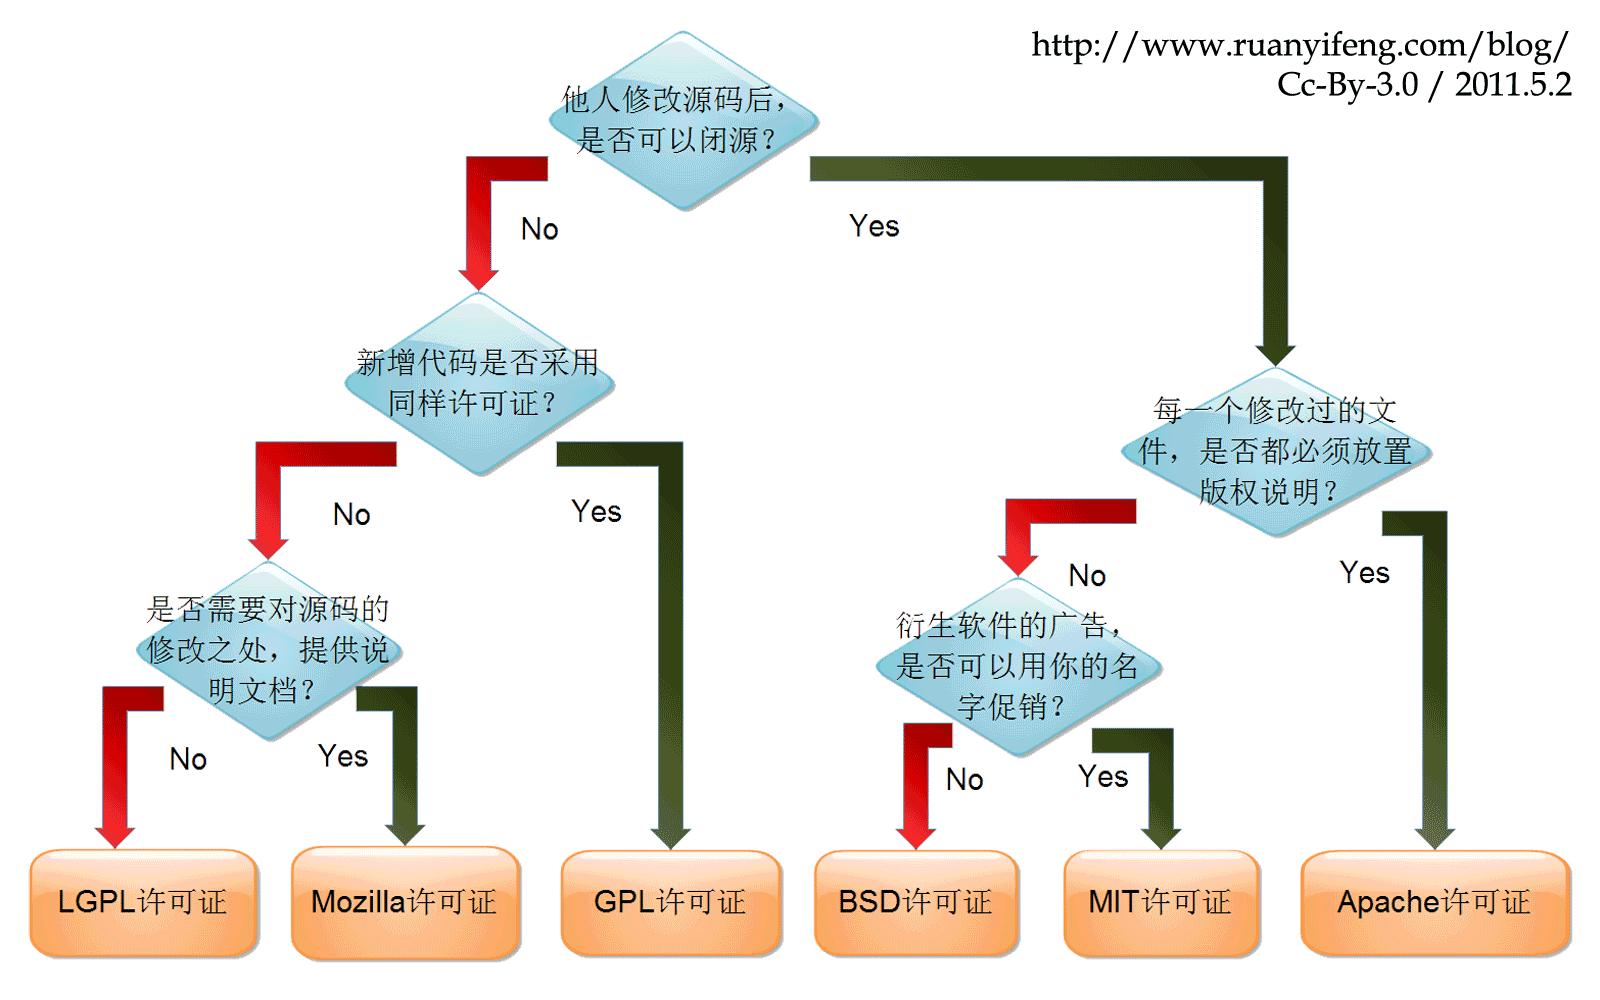 开源协议图解一目了然